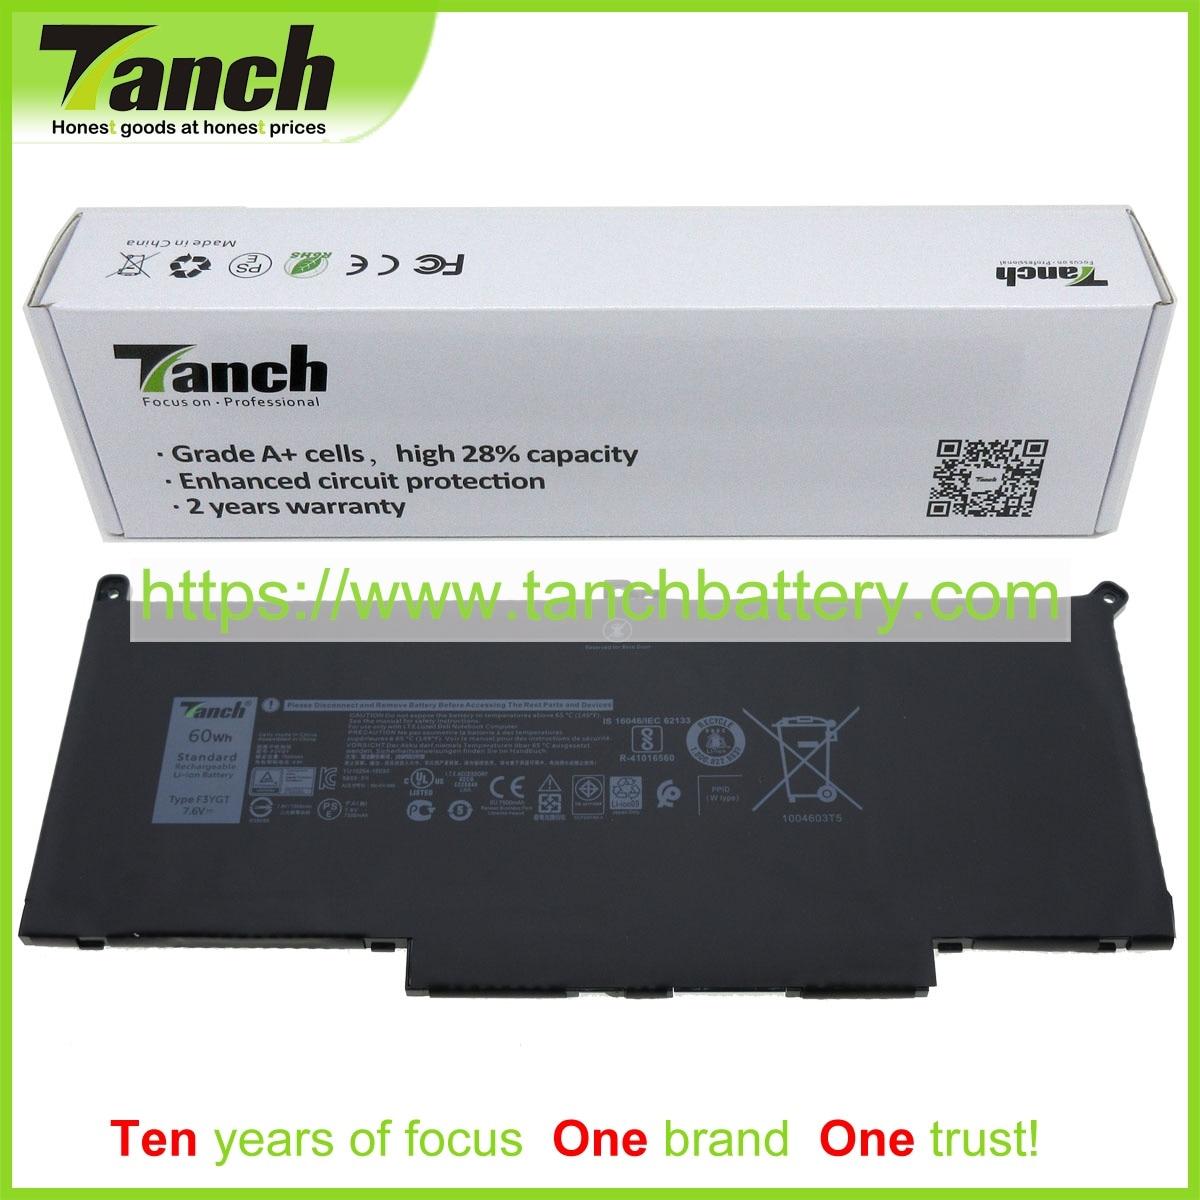 Tanch Laptop Battery for DELL F3YGT MYJ96 DM3WC 2ICP5/57/80 2 H2V87 451 BBYE N015L7480 D1606CN N006L7390 D1506FCN,7.6V 4cell